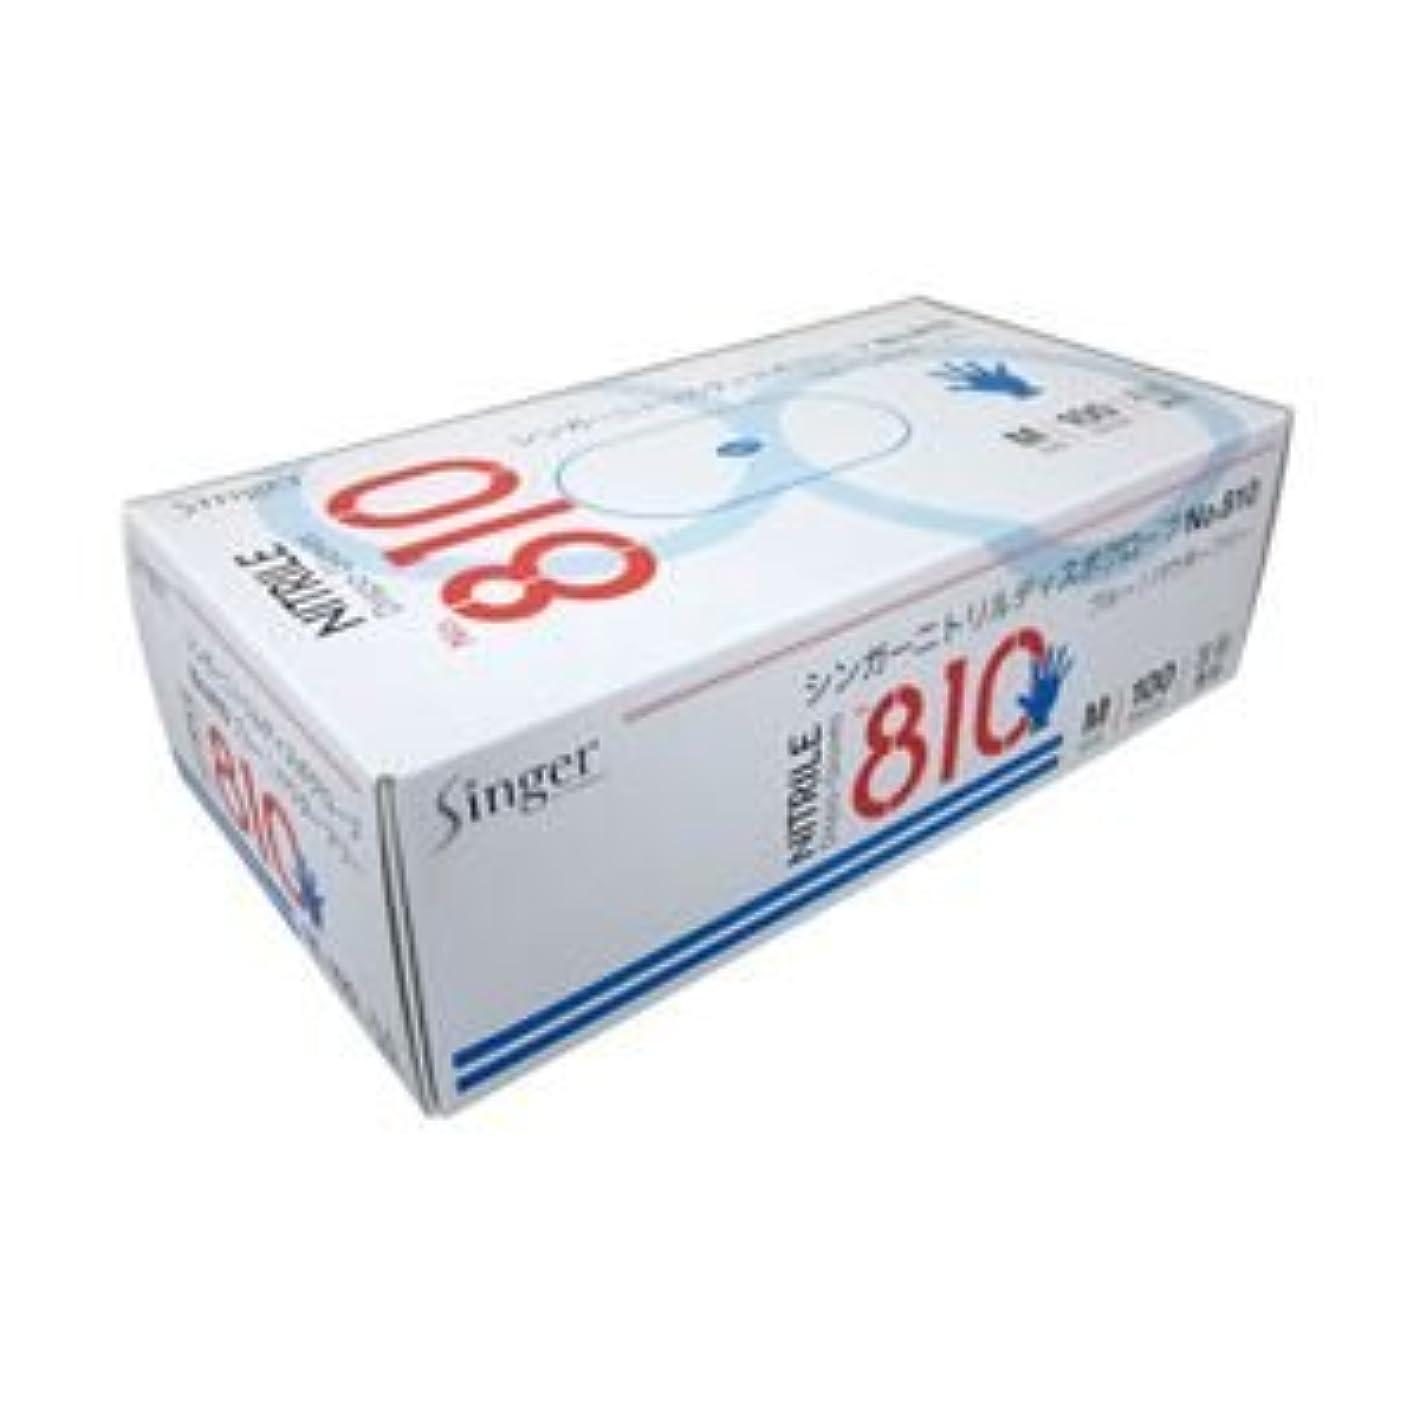 バラバラにする四分円へこみ(業務用セット) ニトリル手袋 粉なし ブルー M 1箱(100枚) 【×5セット】